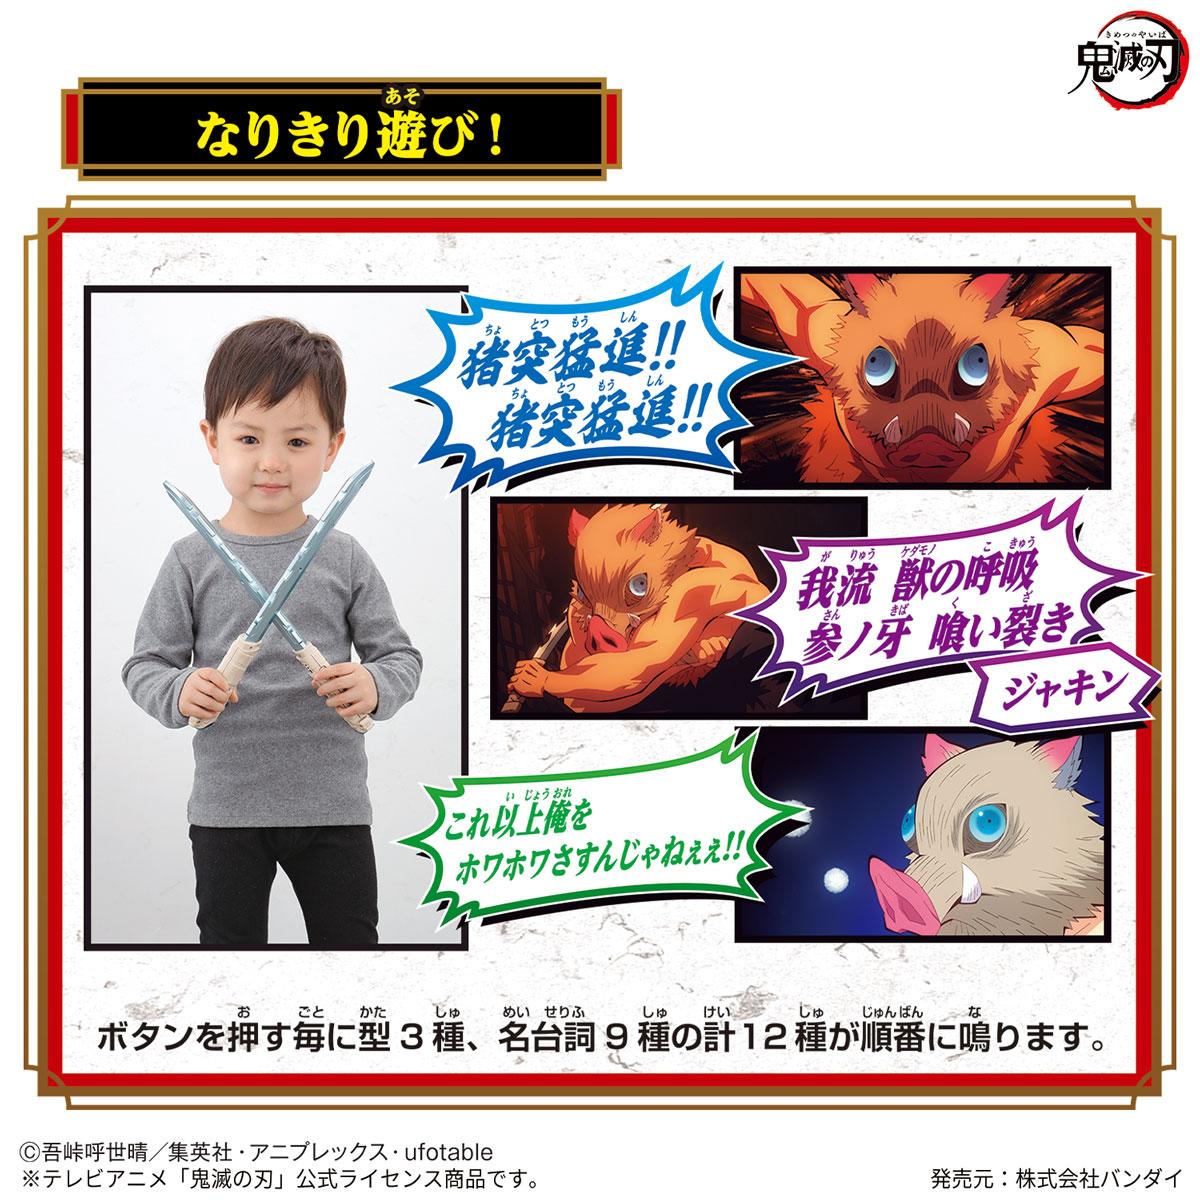 鬼滅の刃『NARIKIRI日輪刀~竈門炭治郎~』変身なりきり-011